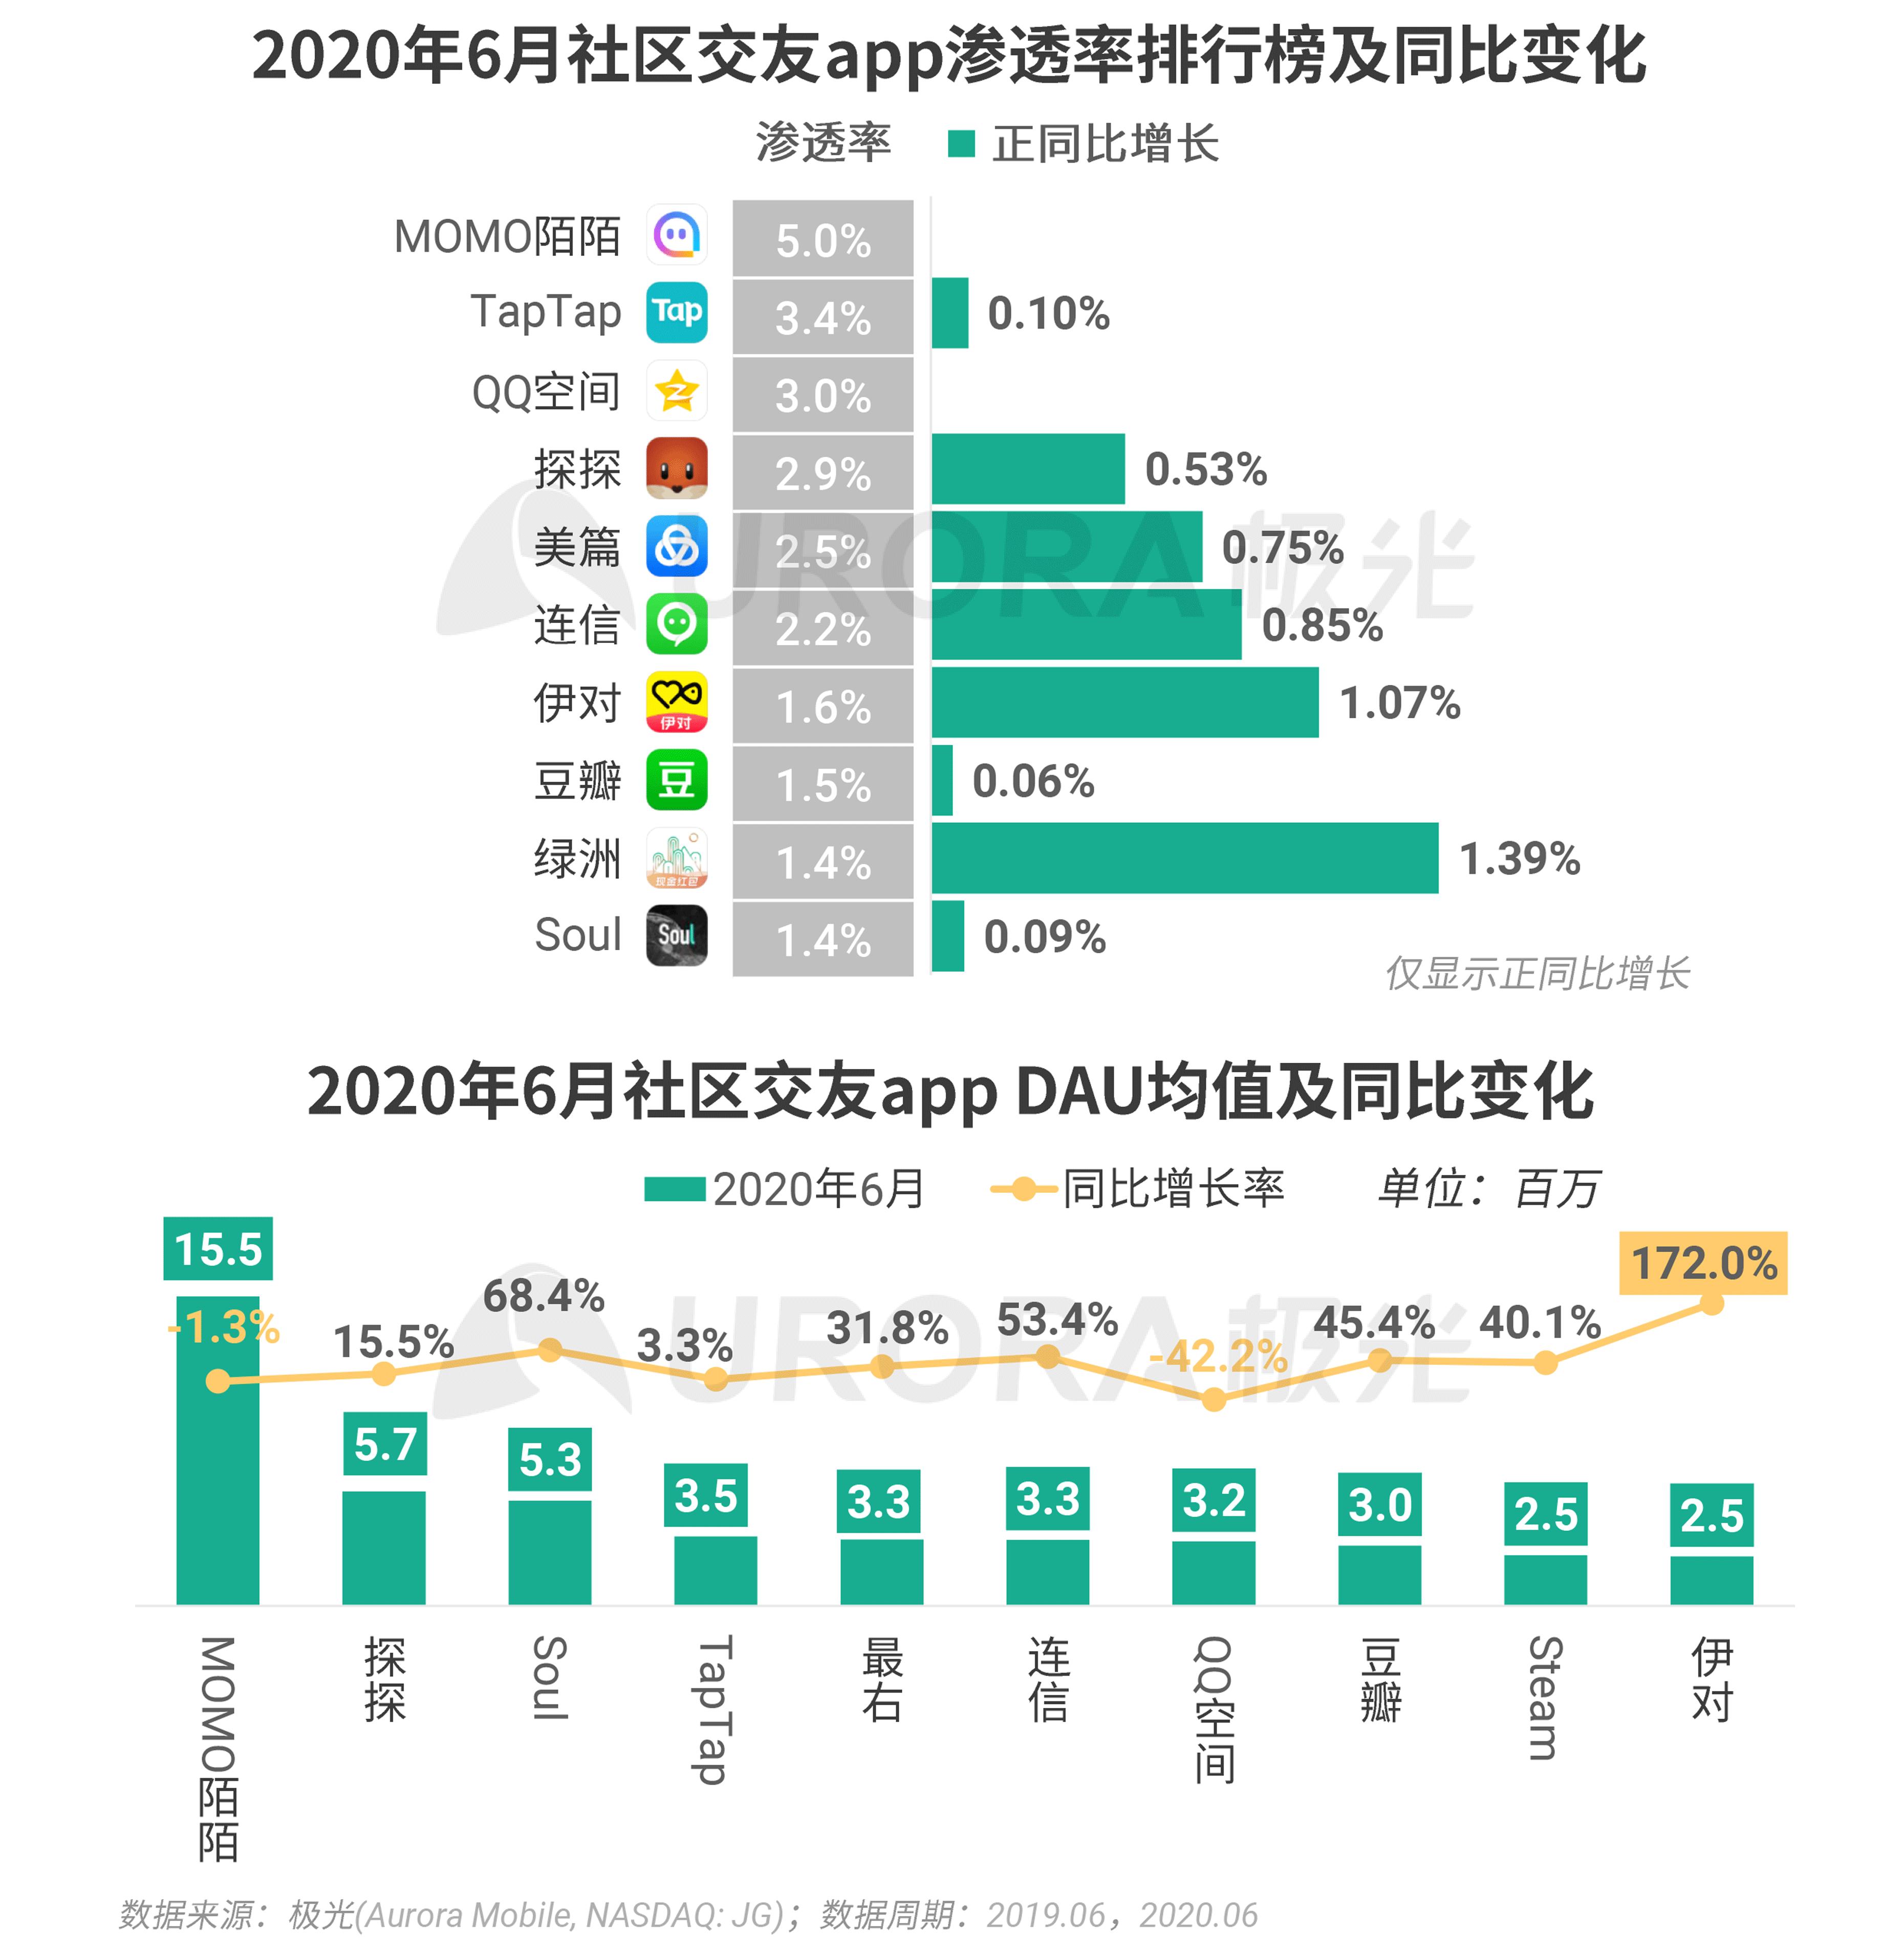 极光:2020Q2互联网行业数据研究报告 (32).png